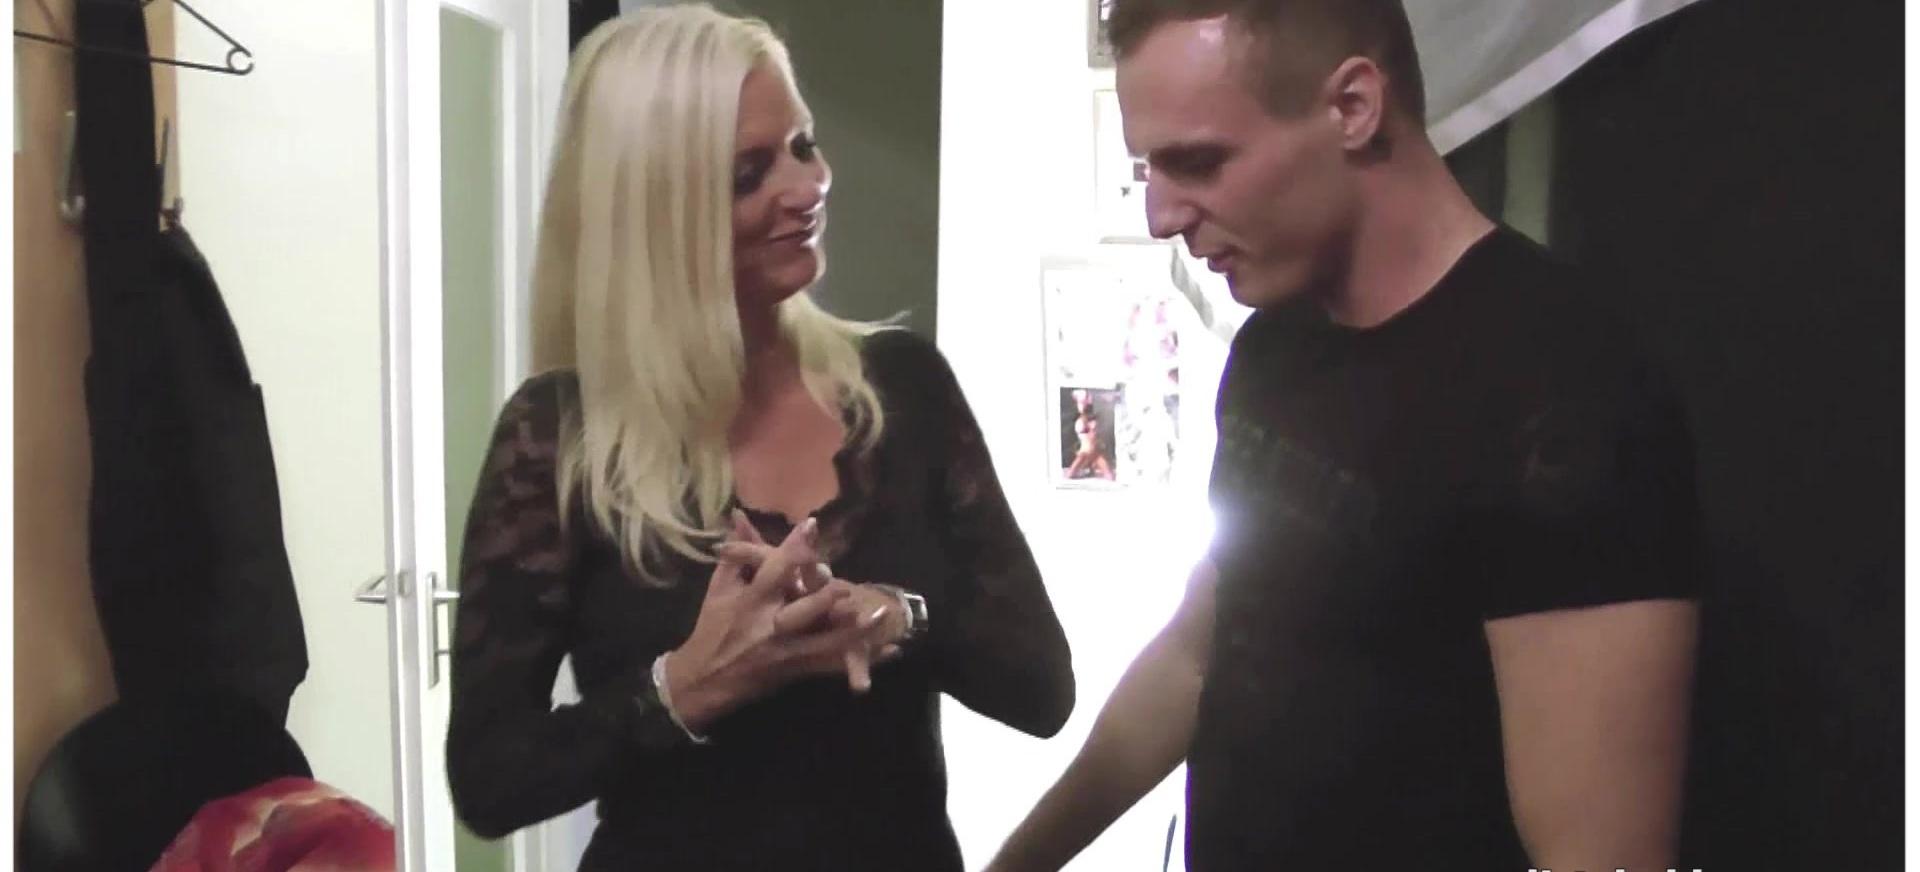 My Dirty Hobby - Deutsche blonde MILF nach Venus durchgefickt und ausgelaufen